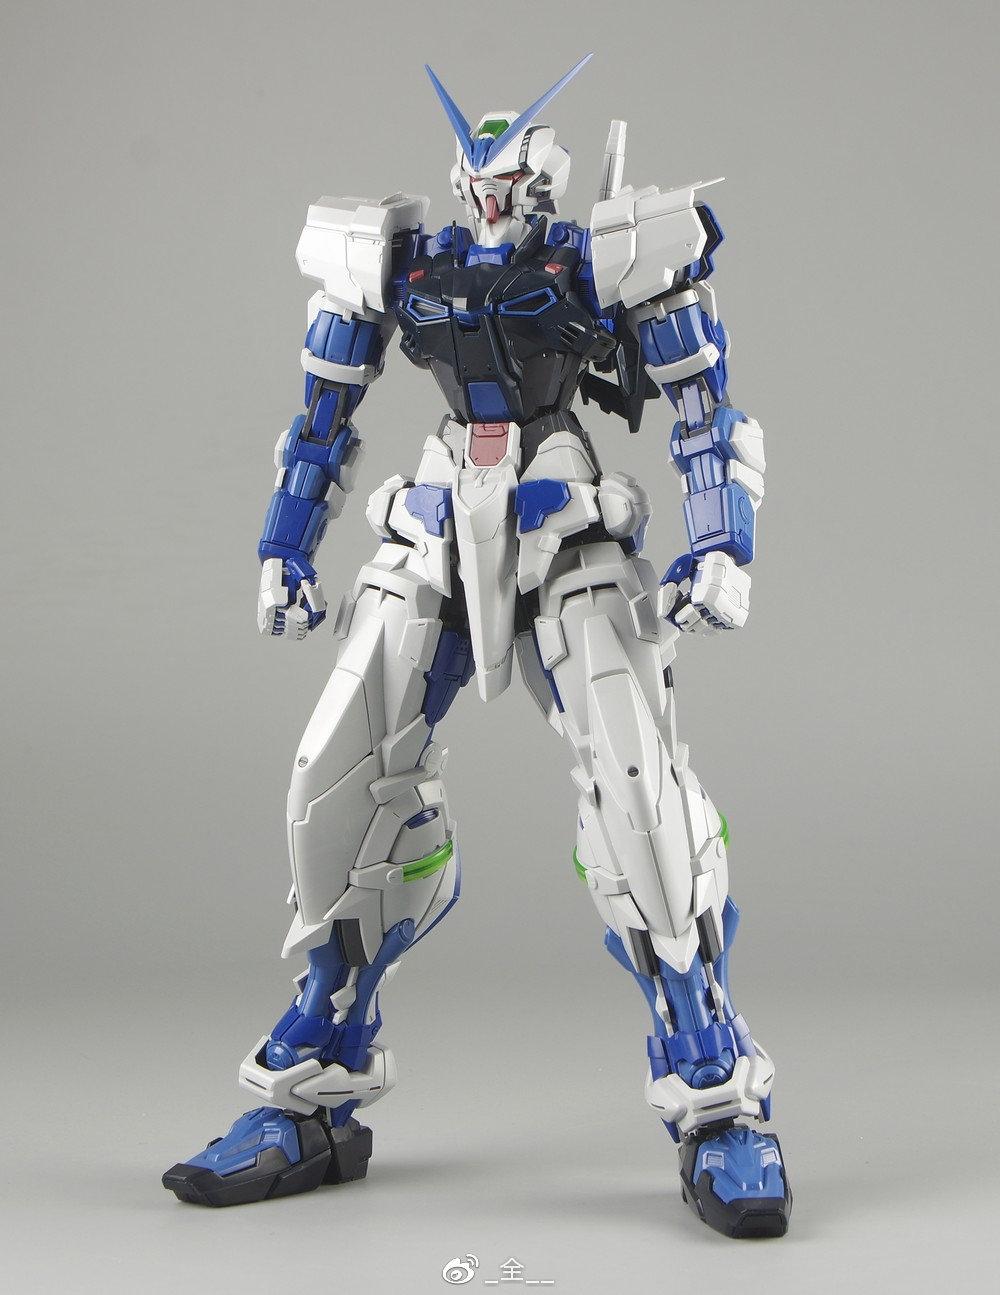 S306_blueframe_astray_047.jpg